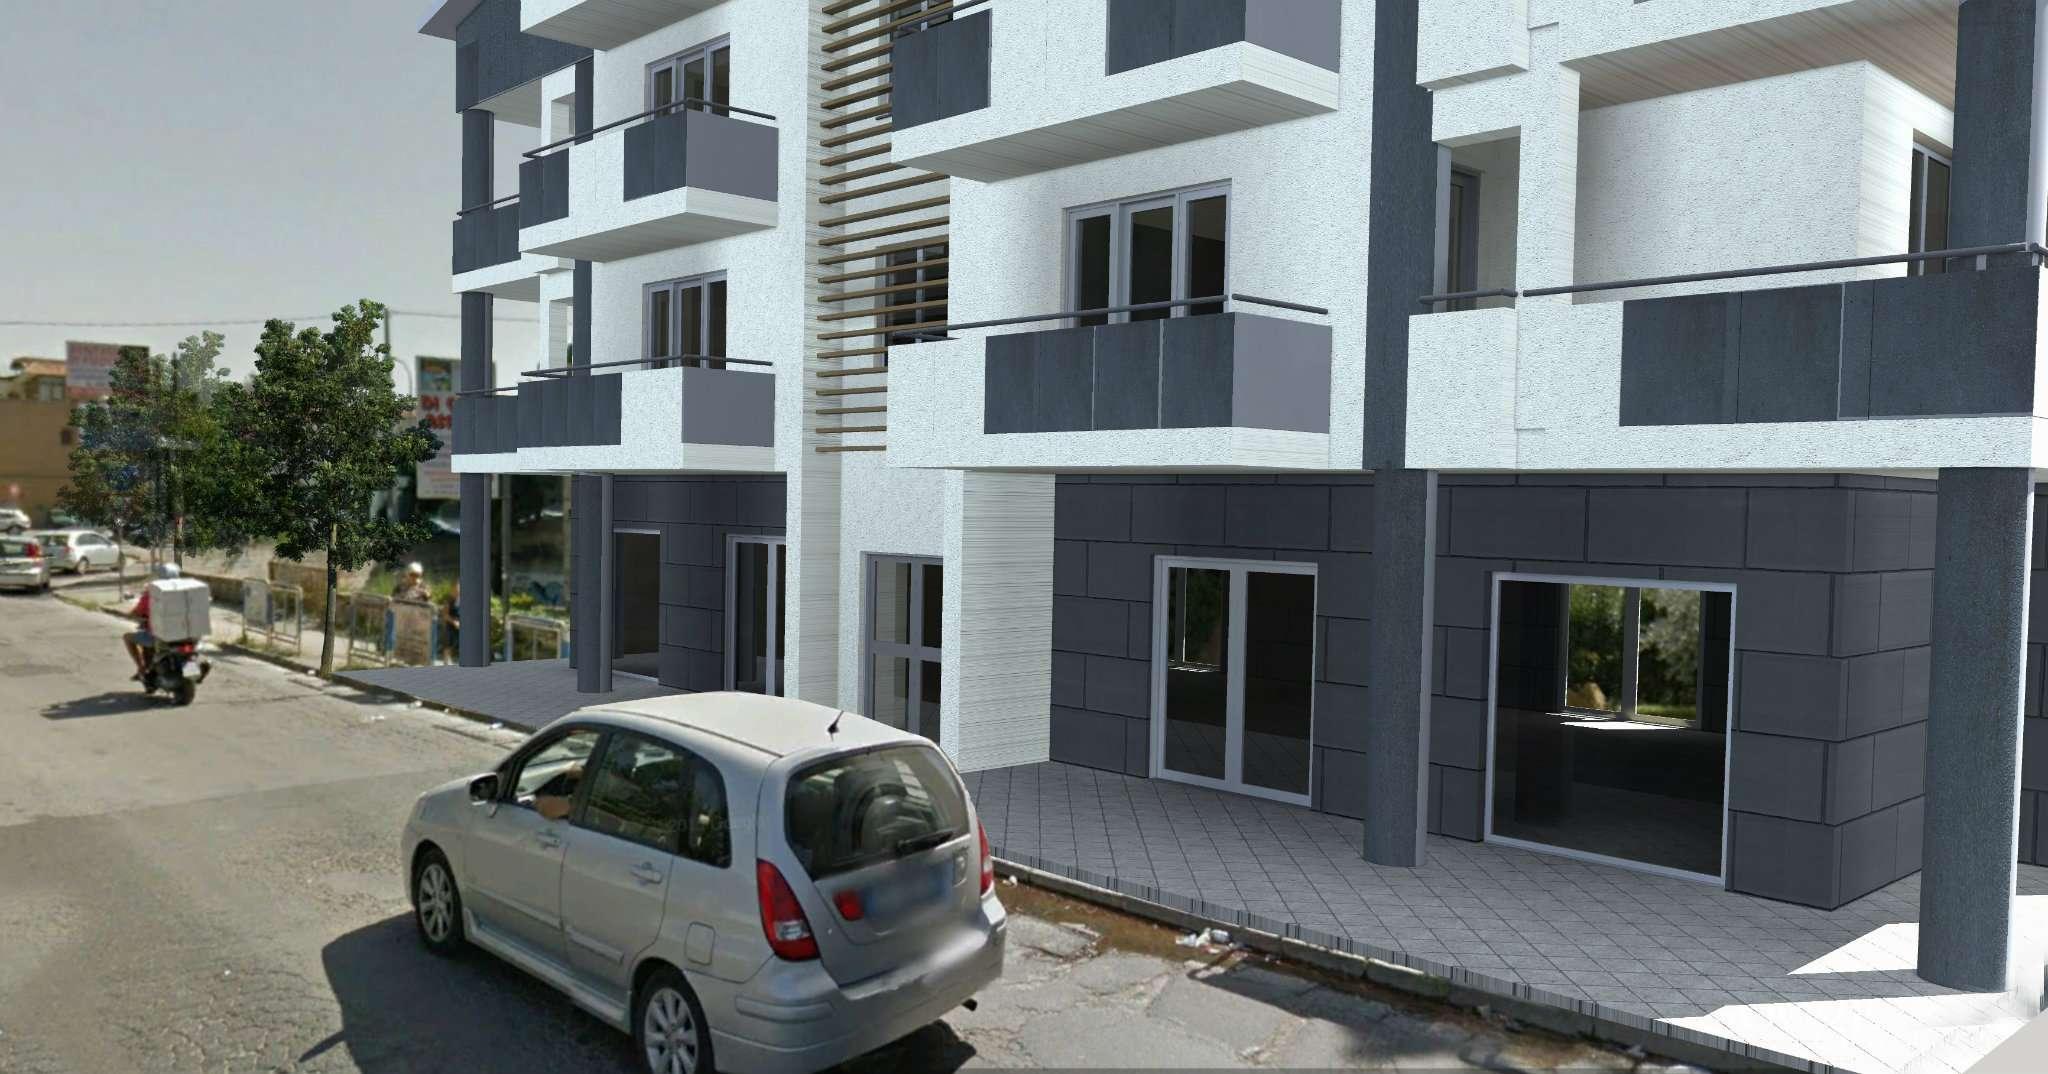 Appartamento in affitto a Mugnano di Napoli, 3 locali, prezzo € 800 | CambioCasa.it